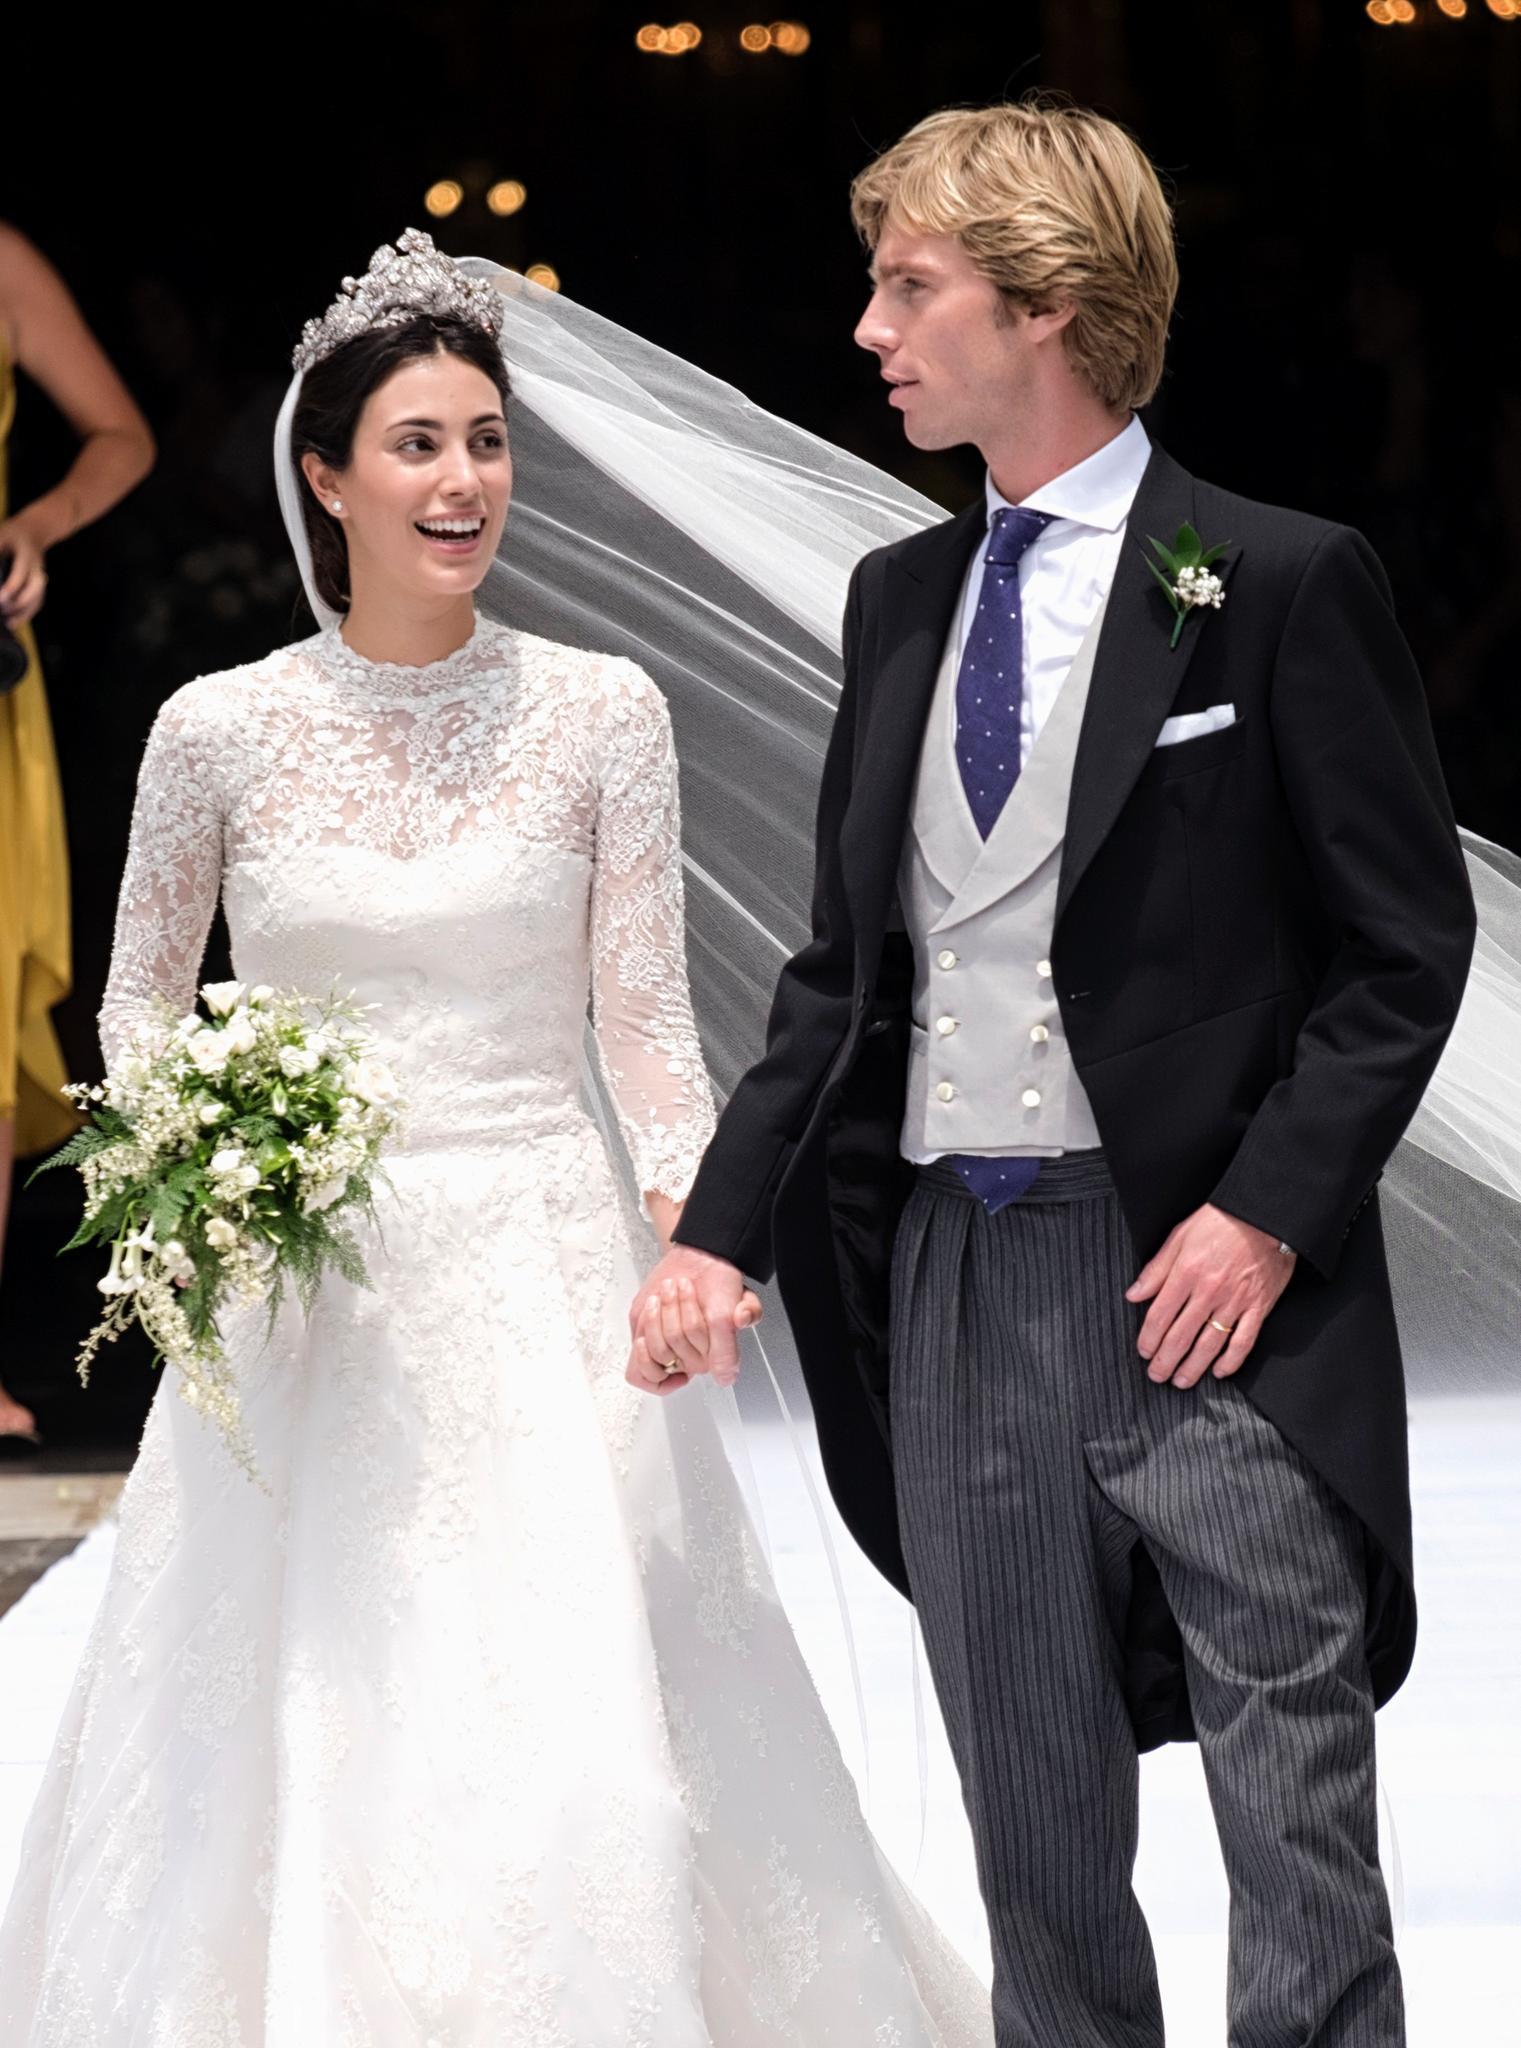 Alessandra de Osma und Prinz Christian von Hannover gaben sich am 16. März ihr Jawort